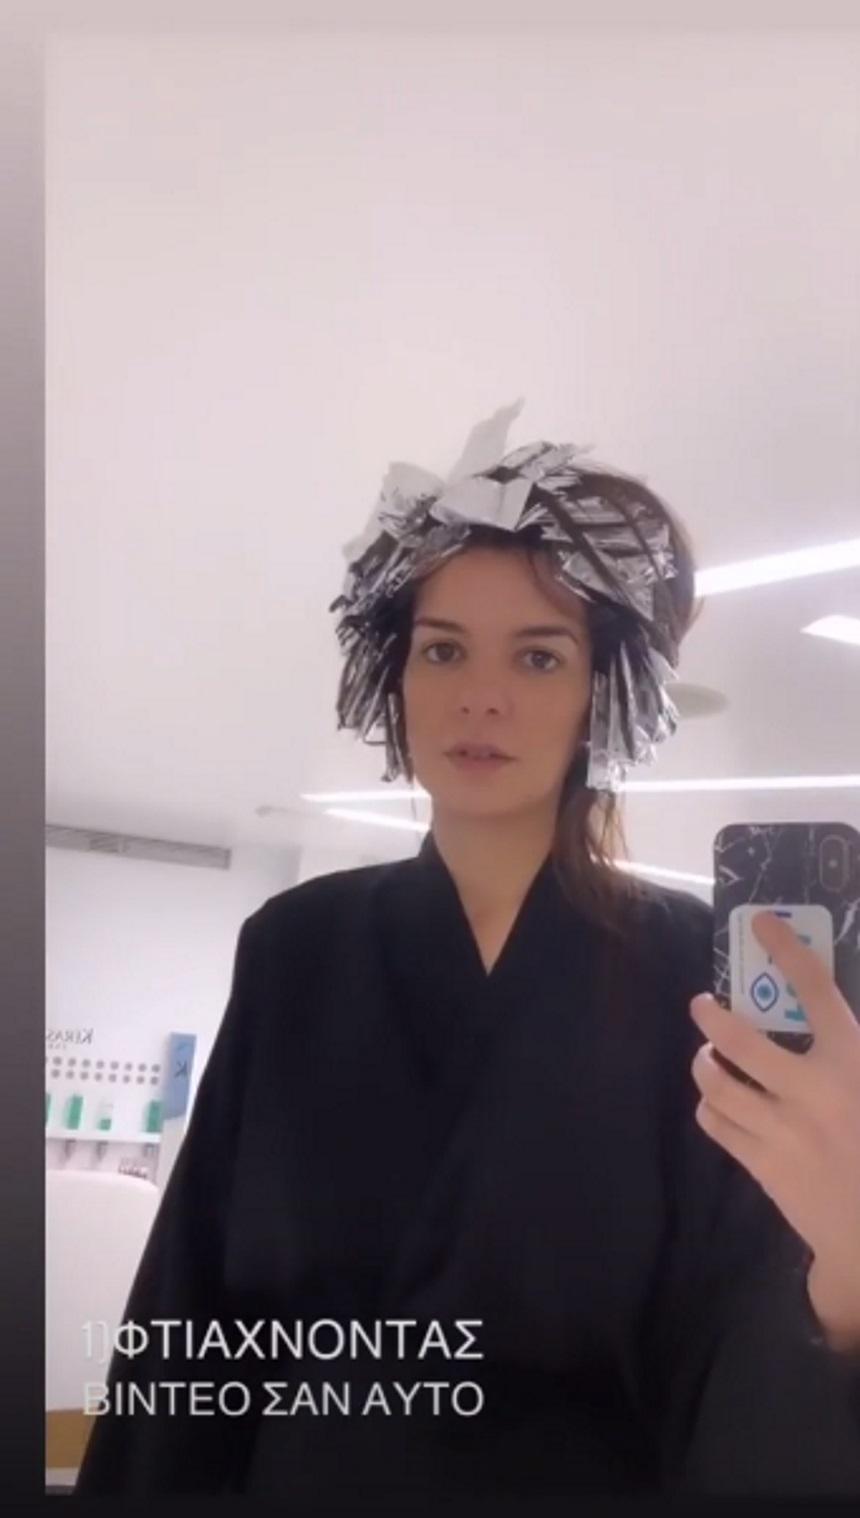 Νικολέττα Ράλλη: Έκοψε και έβαψε τα μαλλιά της! Δες το νέο look! [pic,video]